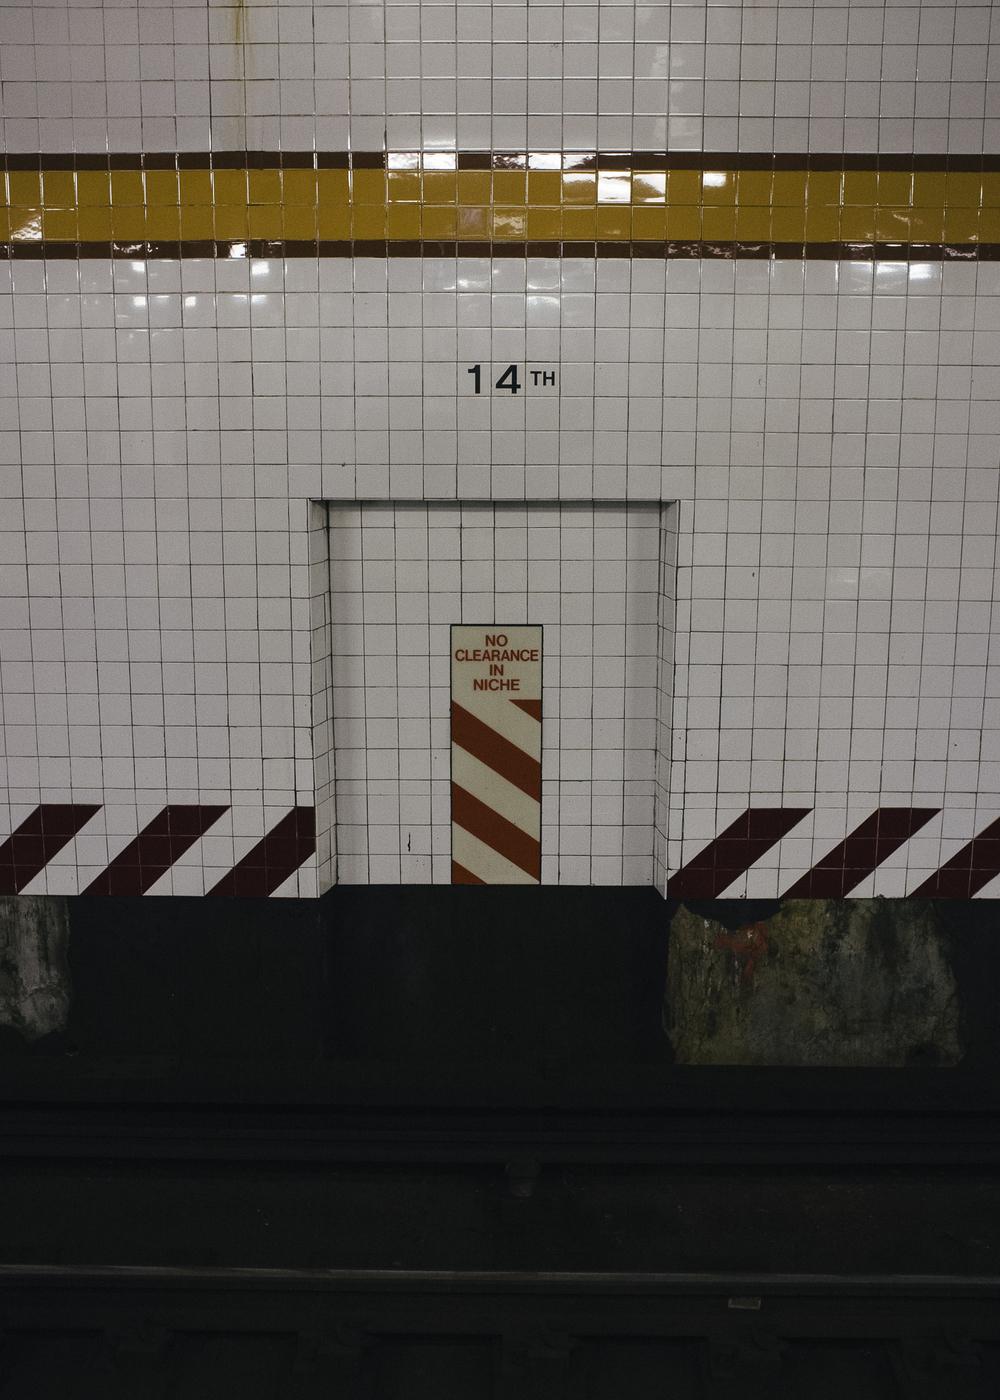 14th Street Station, Chelsea, Manhattan;September 2014